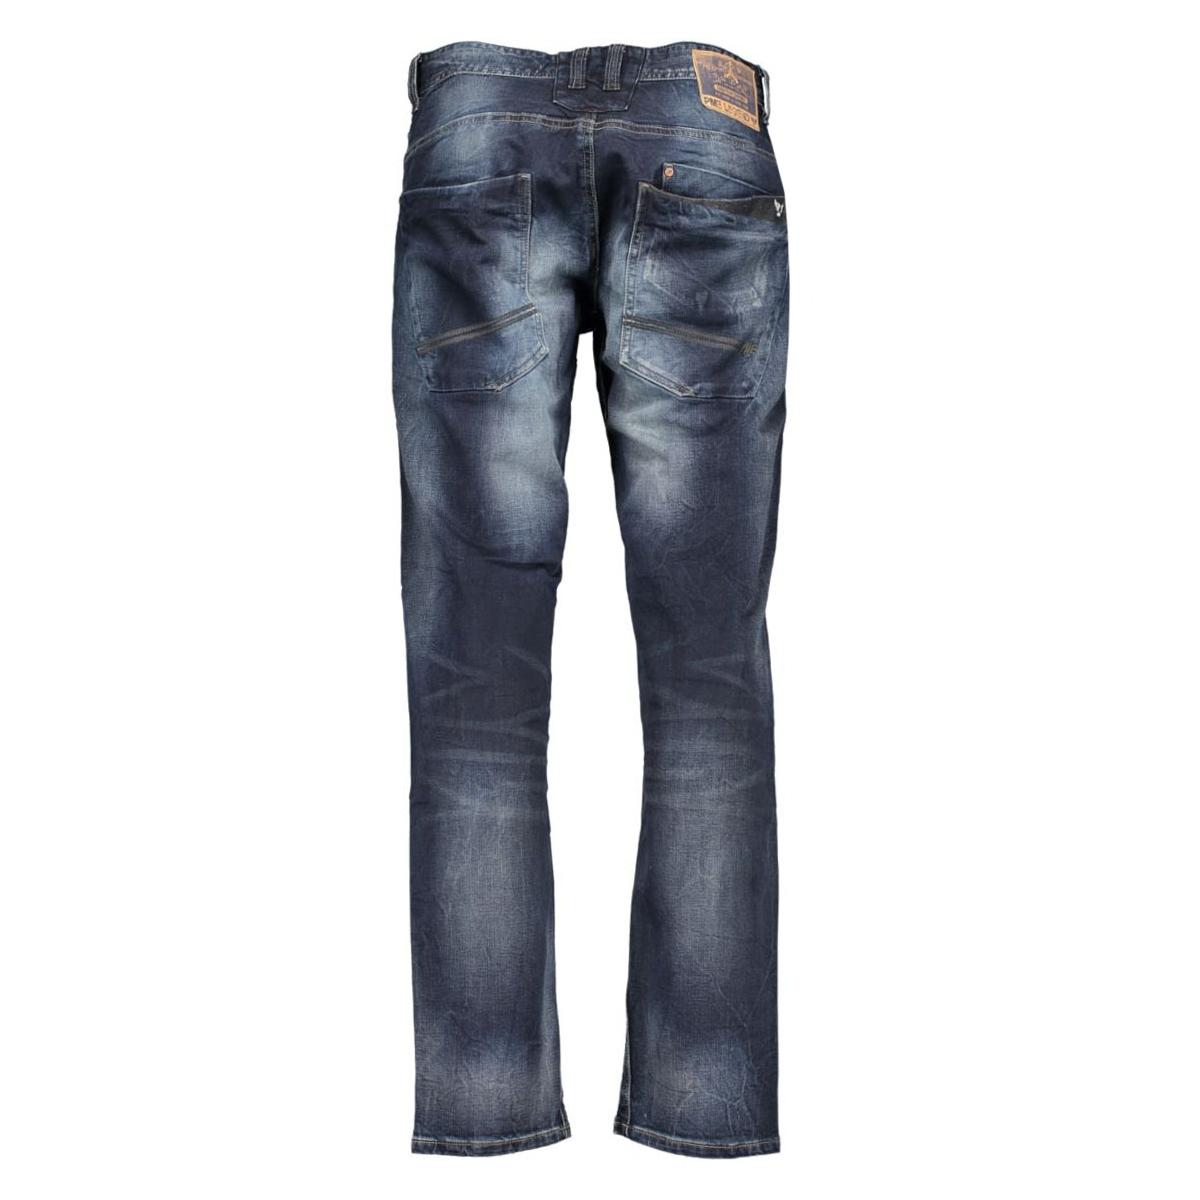 ptr980 indigo sweat commander jeans pme legend jeans 5870